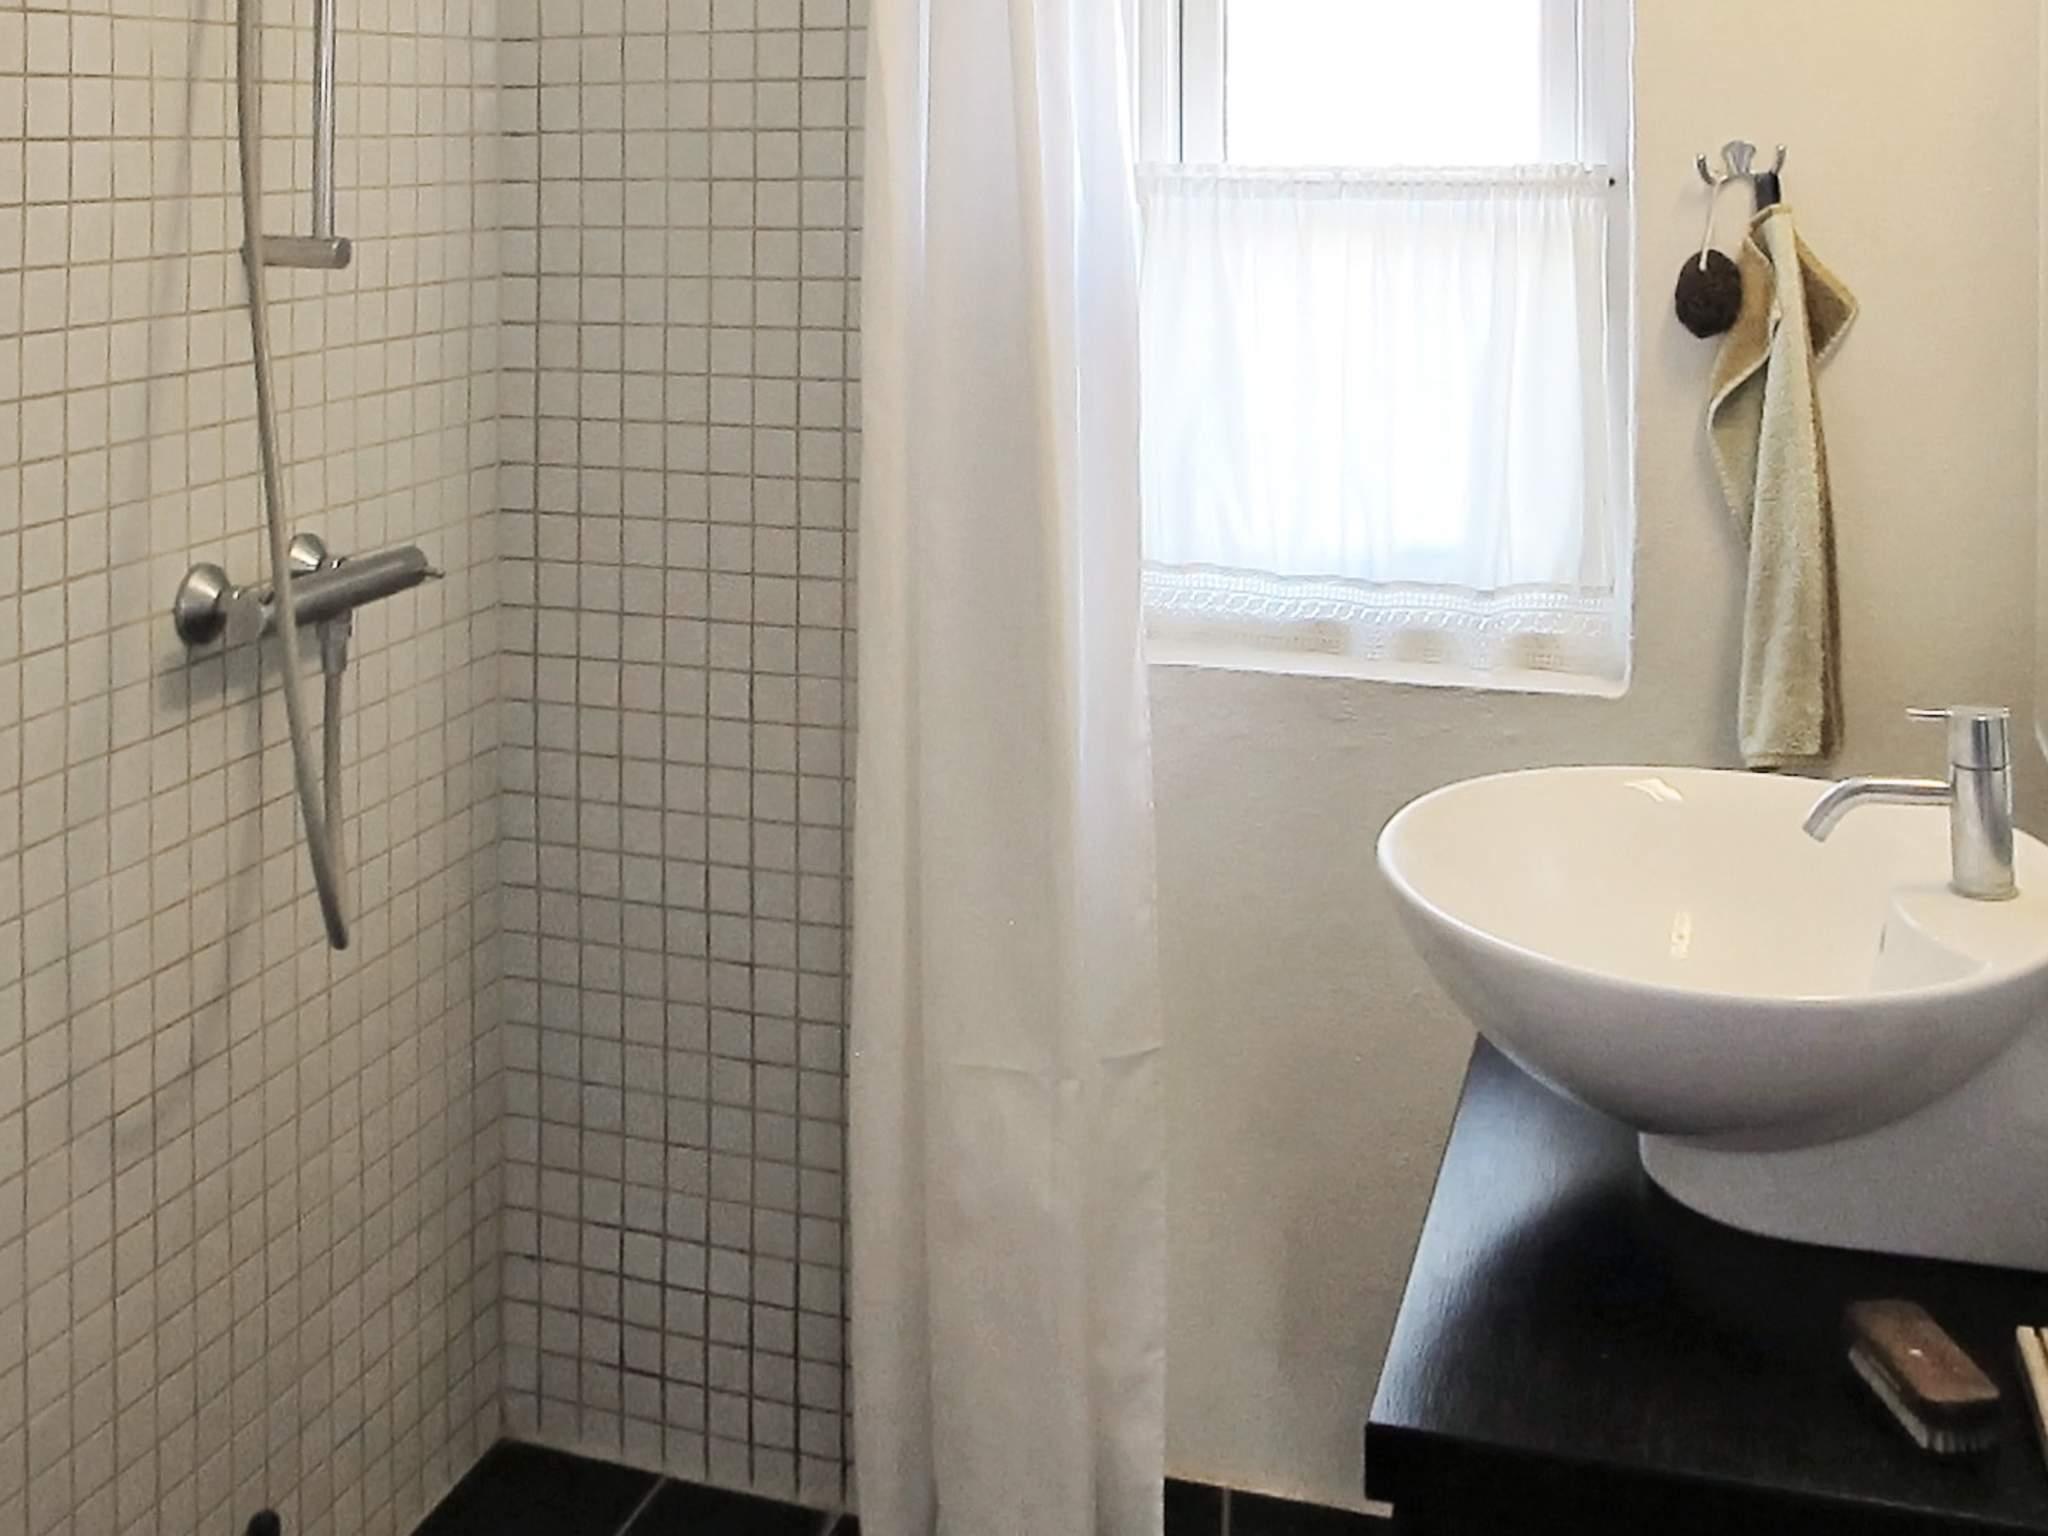 Ferienhaus Bakkebølle Strand (2354153), Bakkebølle Strand, , Südseeland, Dänemark, Bild 10